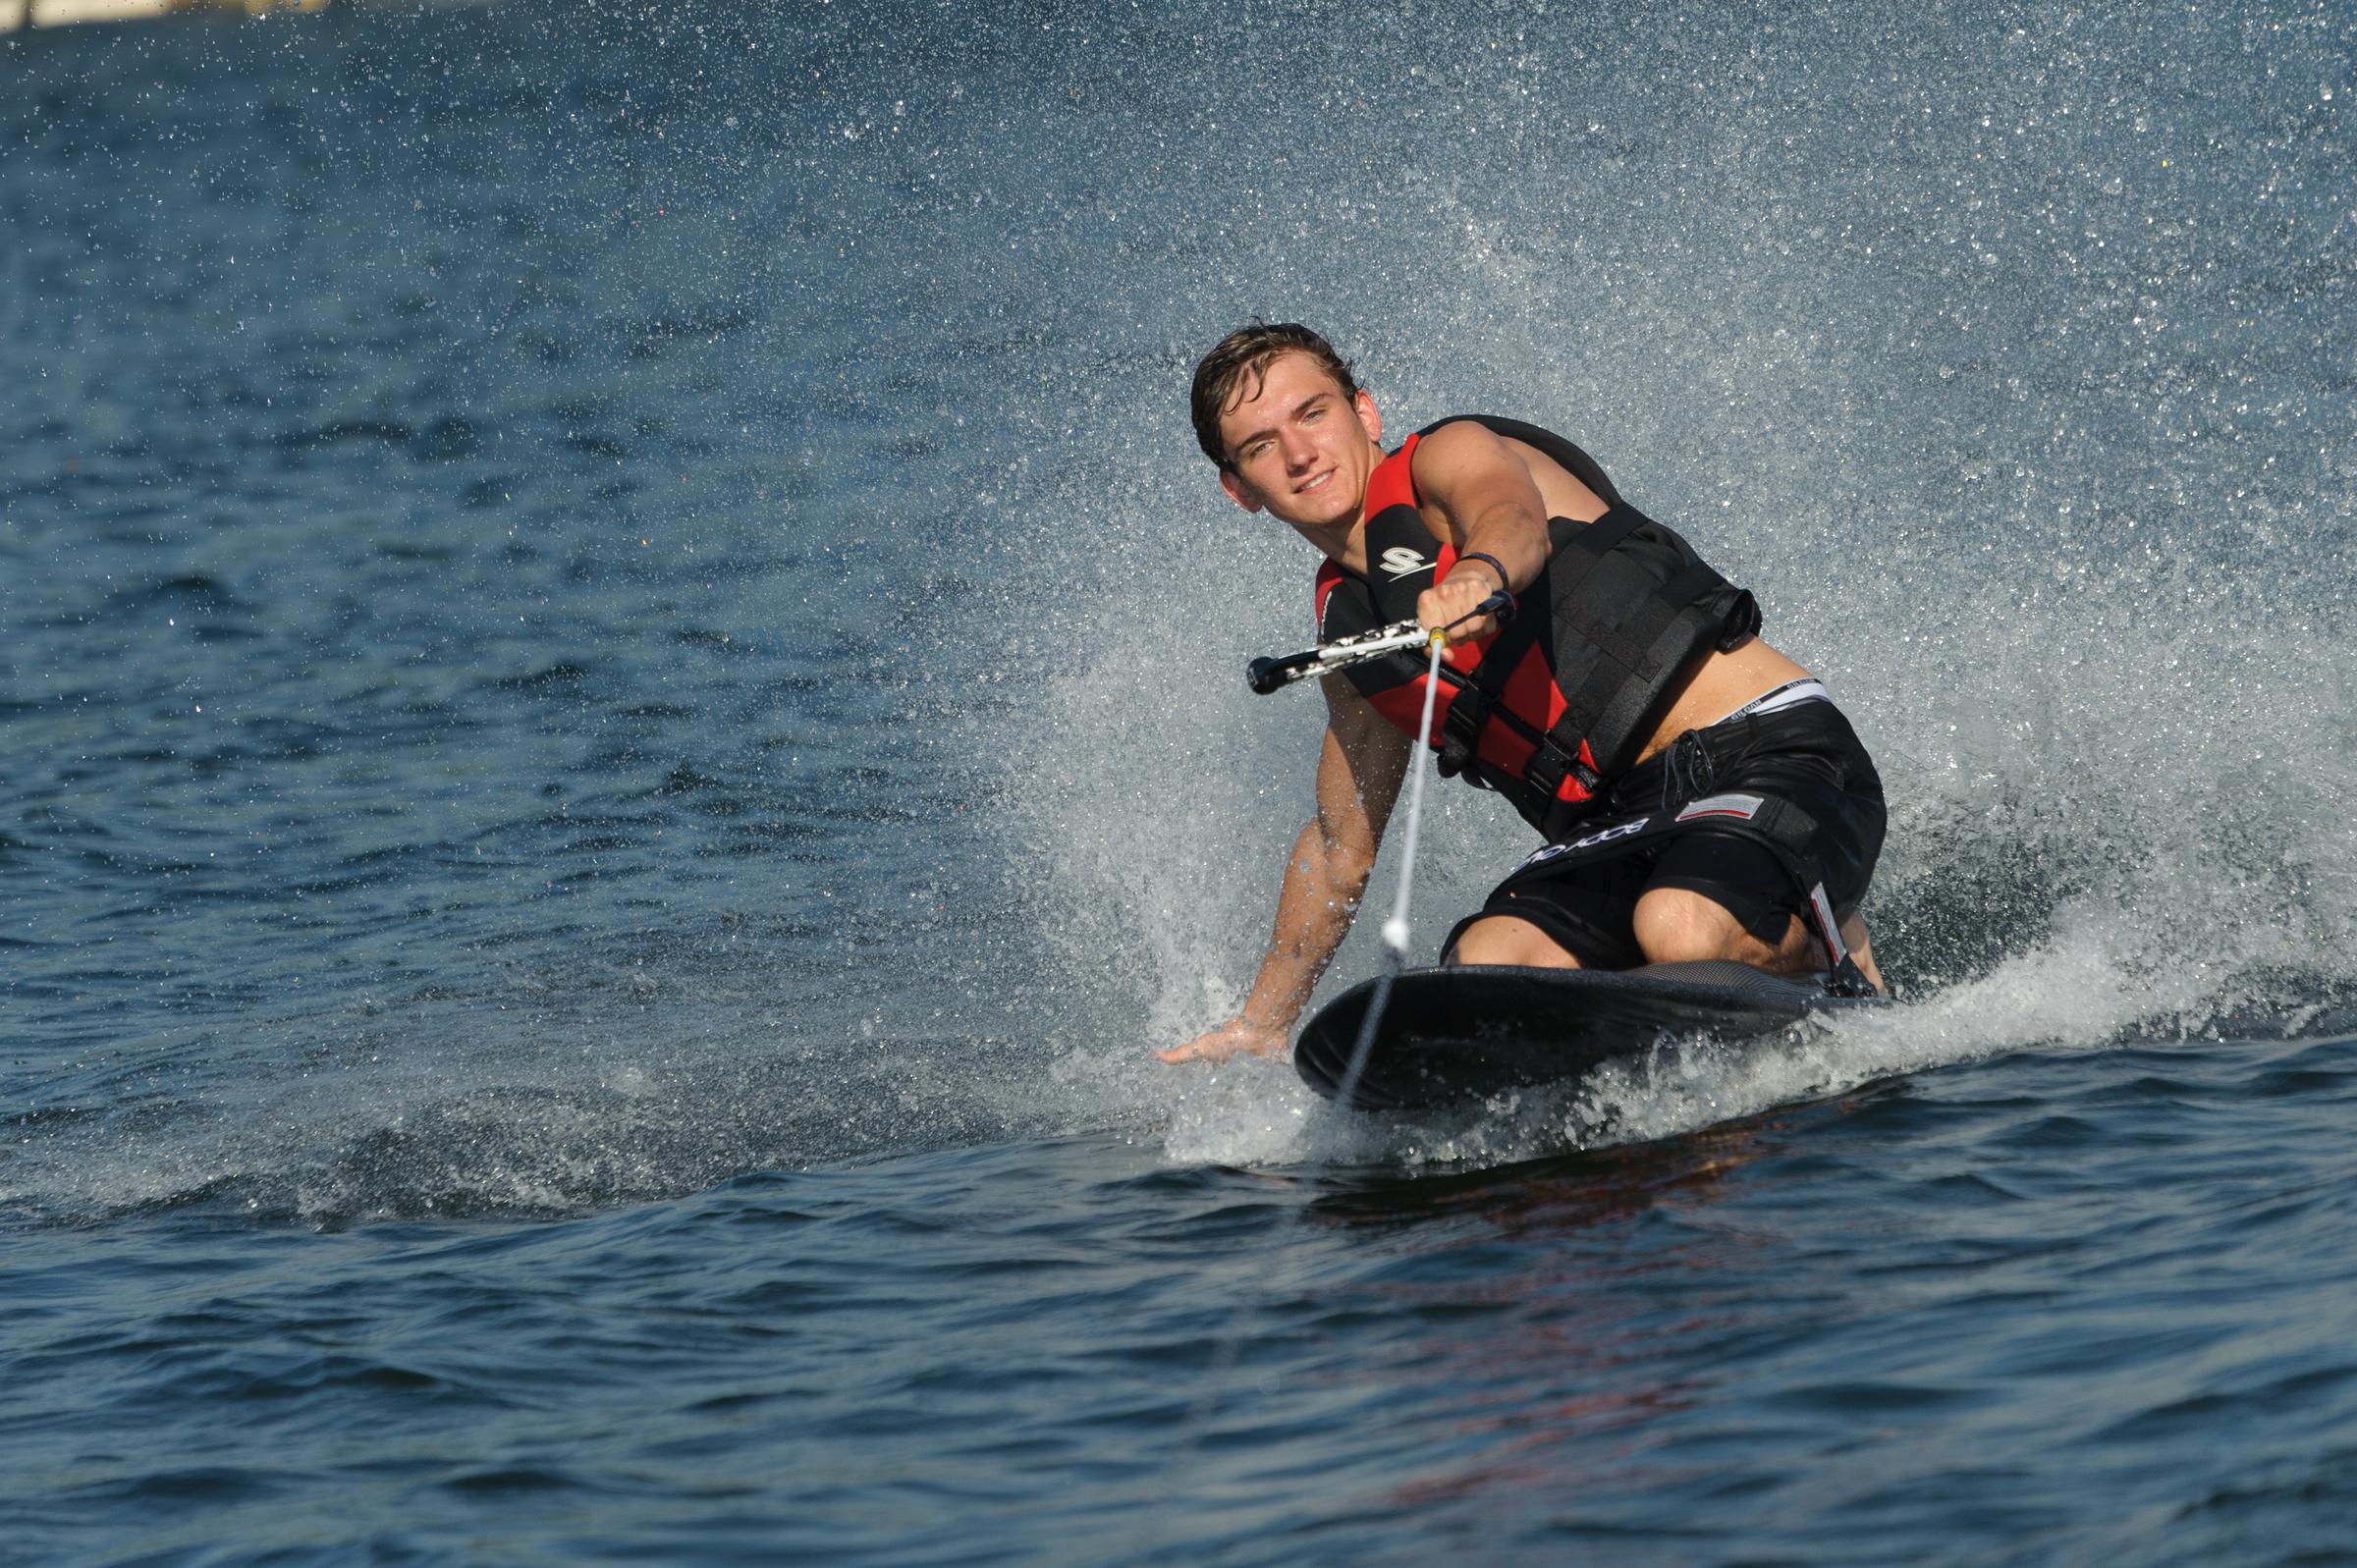 DSC4-0165. knee boarding boy.jpg